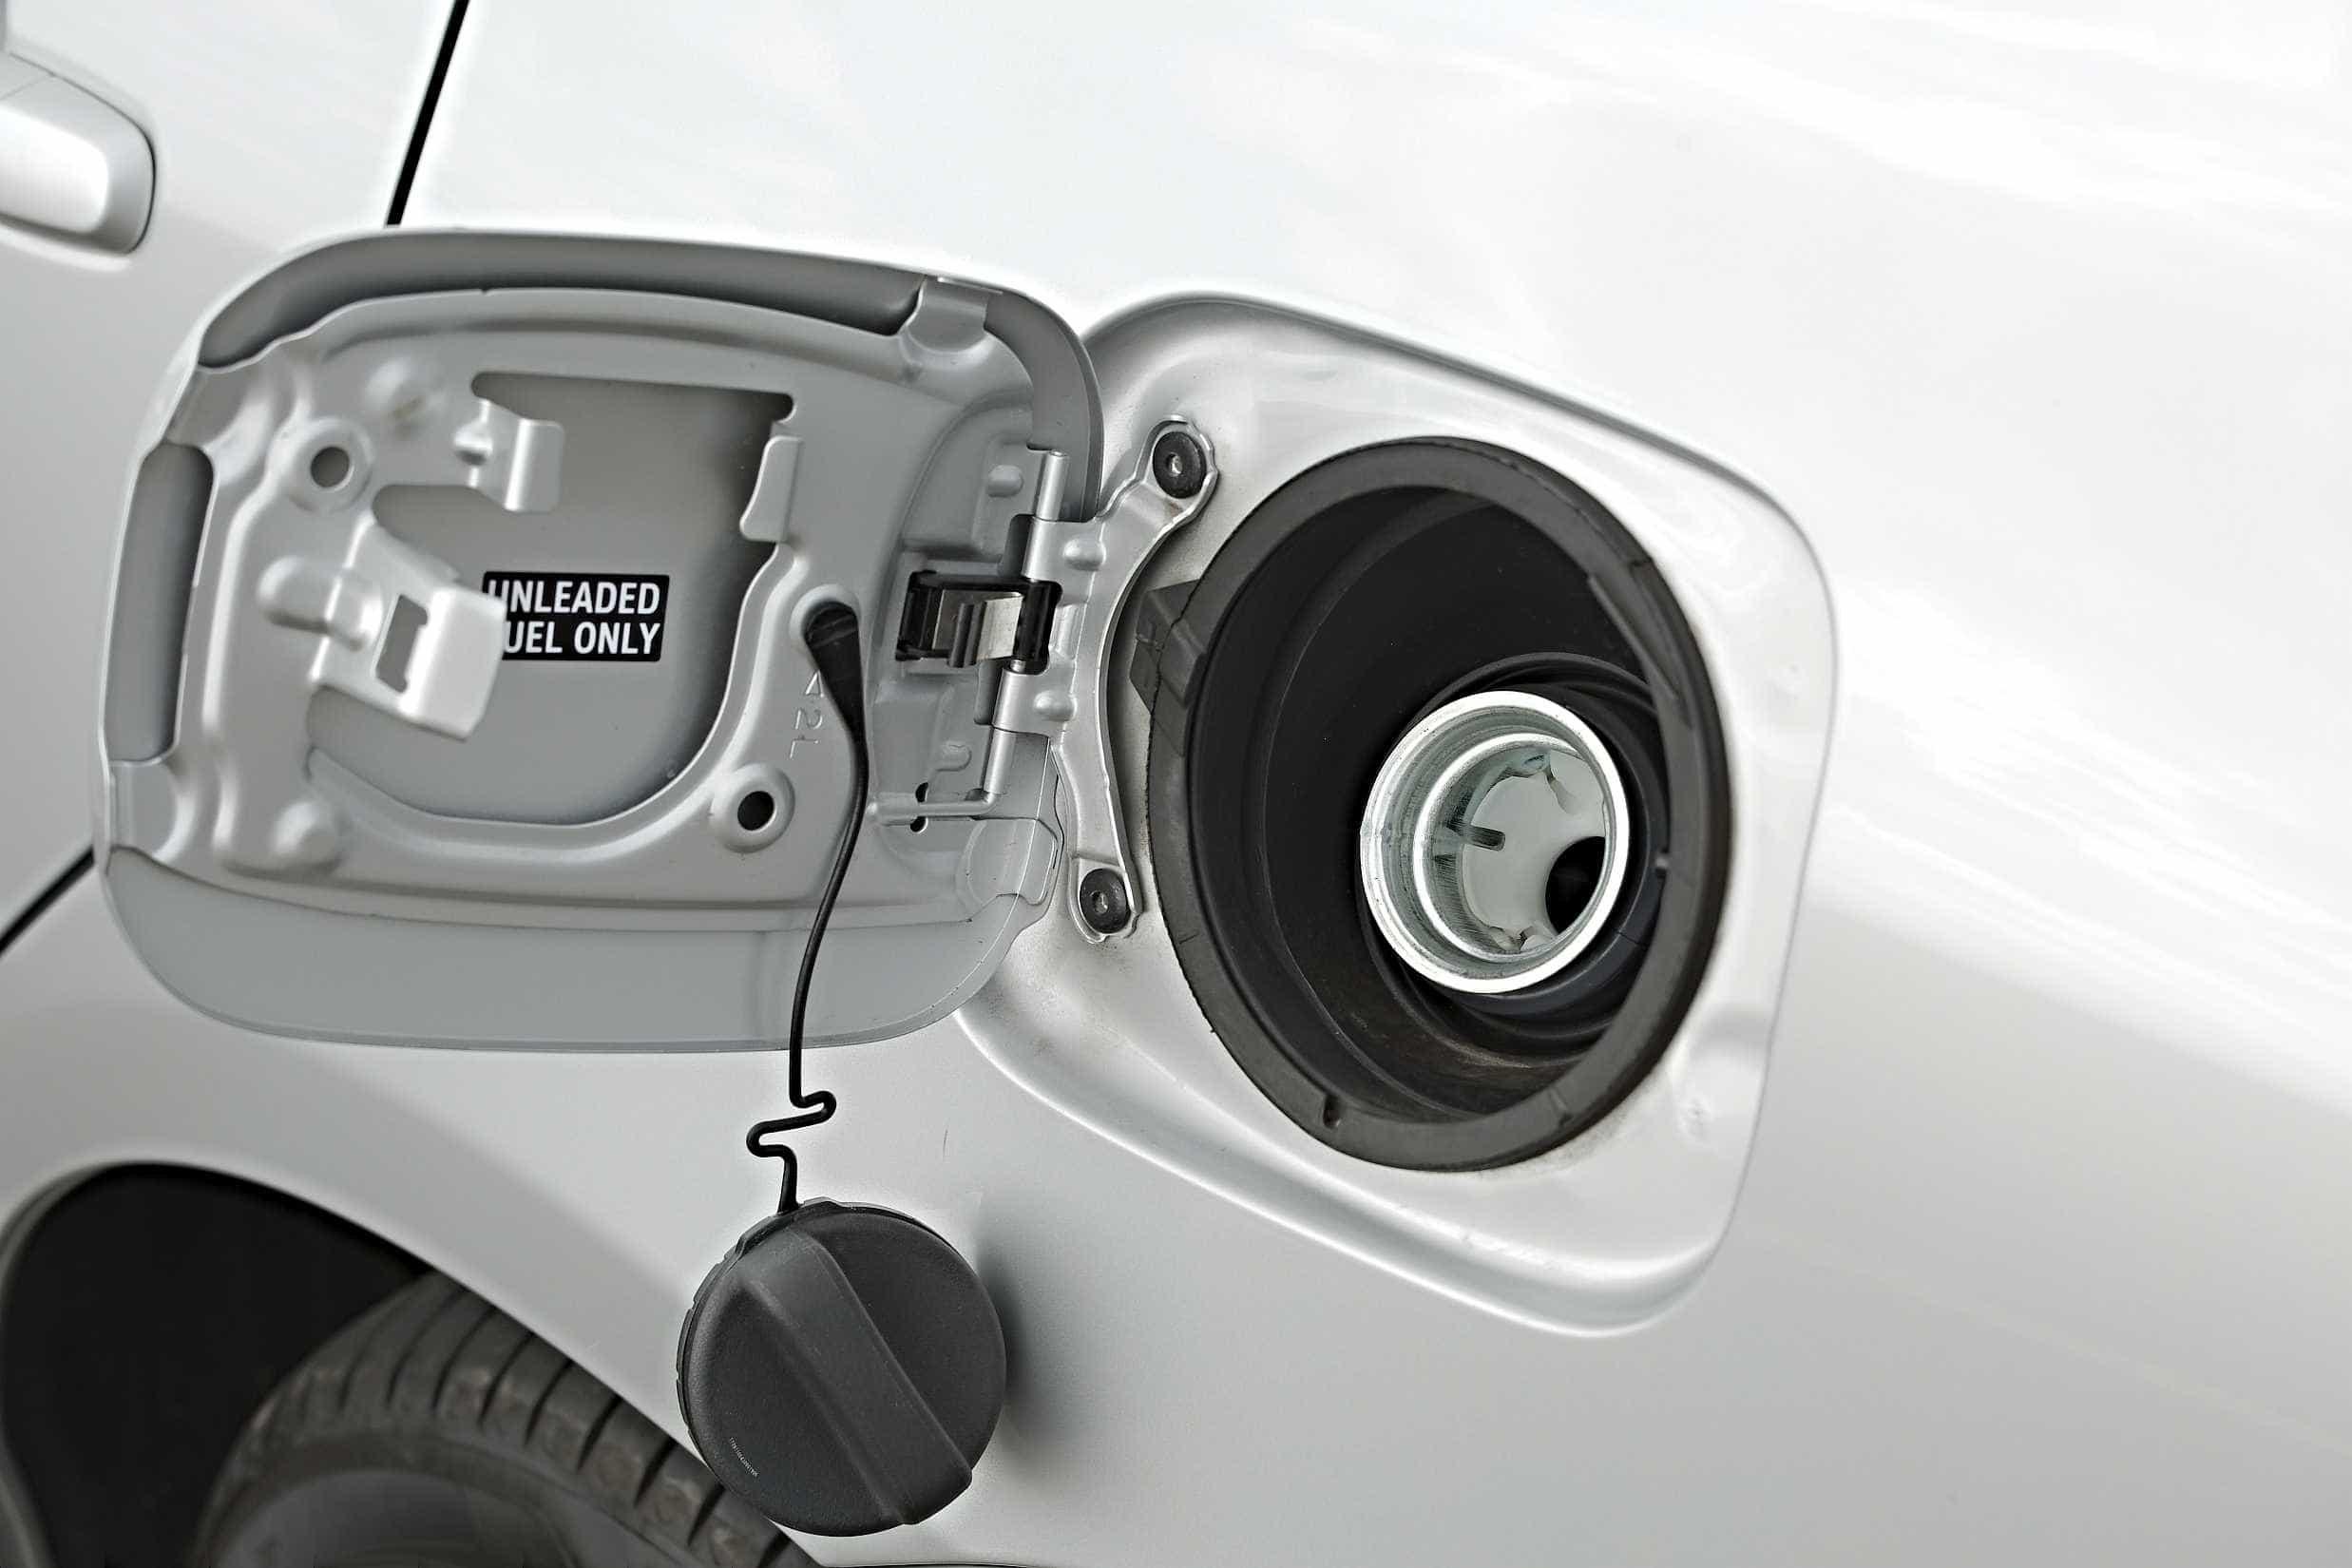 Detidos pela GNR. Roubaram 100 litros de combustível